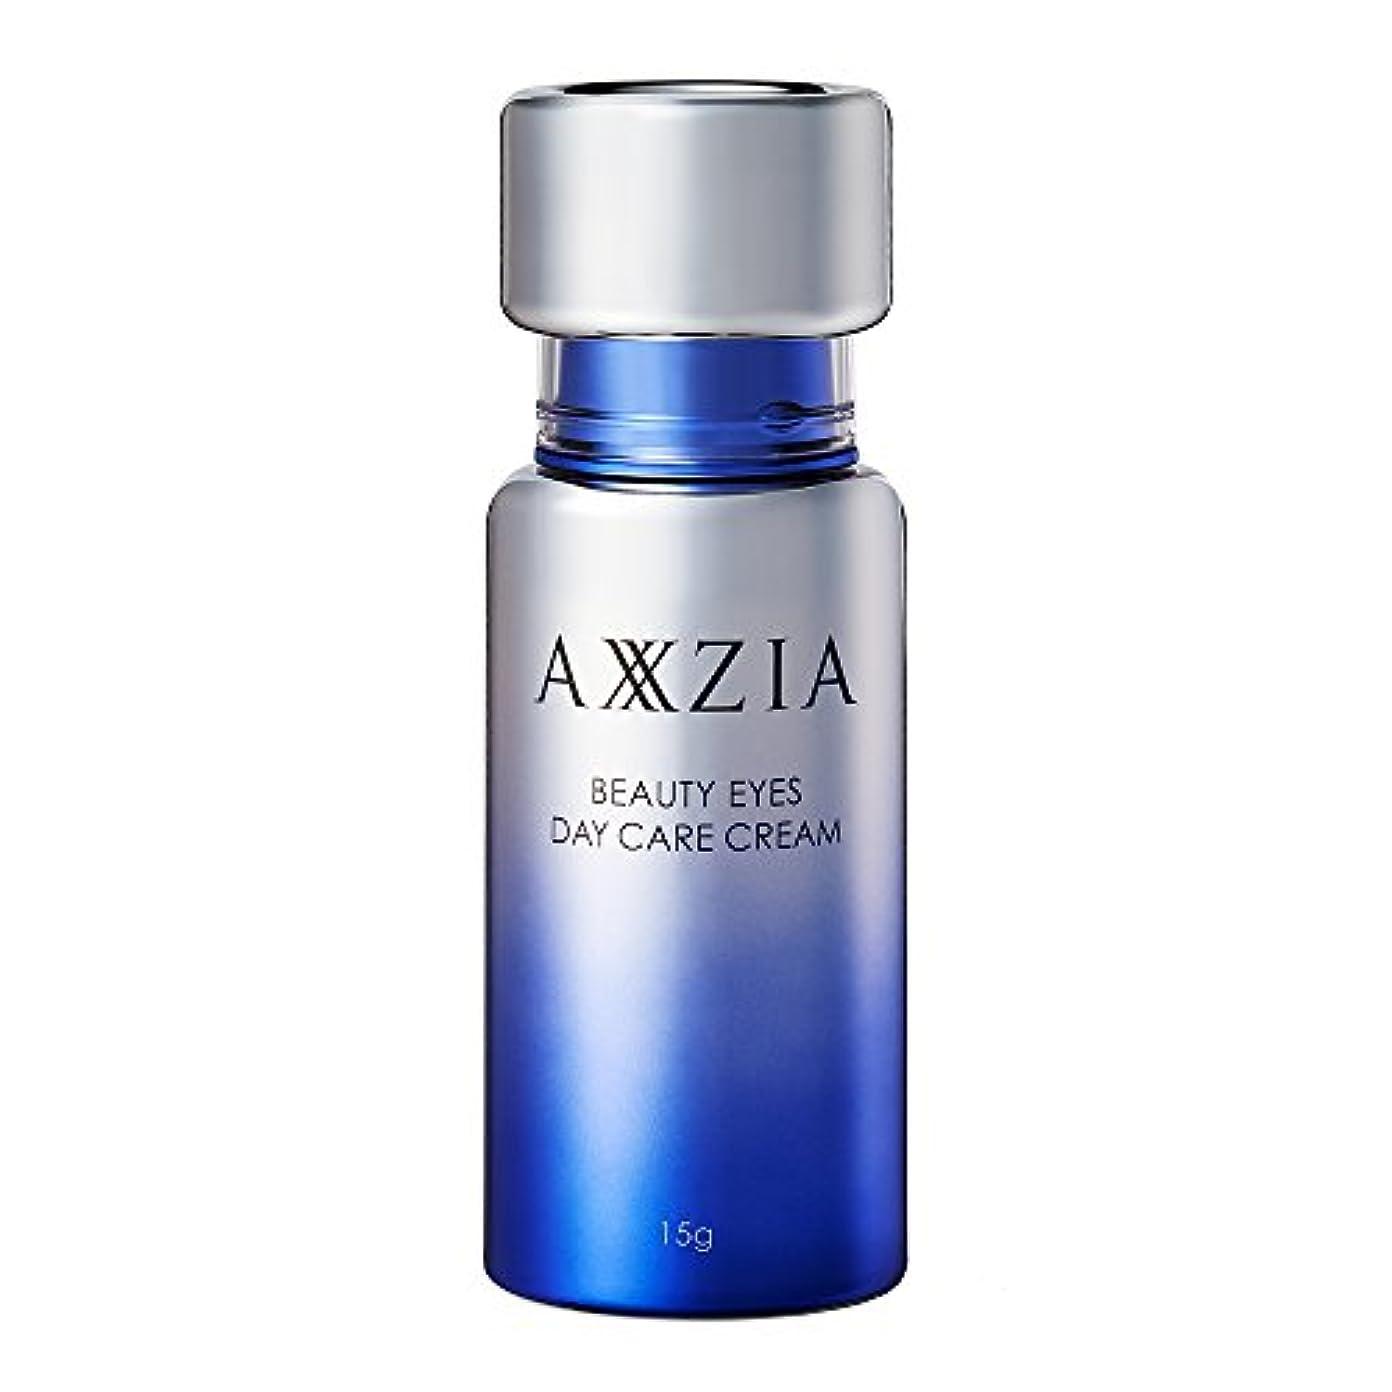 み白内障アクシージア (AXXZIA) ビューティアイズ デイ ケア クリーム 15g   アイクリーム 目の下のたるみ 化粧品 解消 目元のたるみ